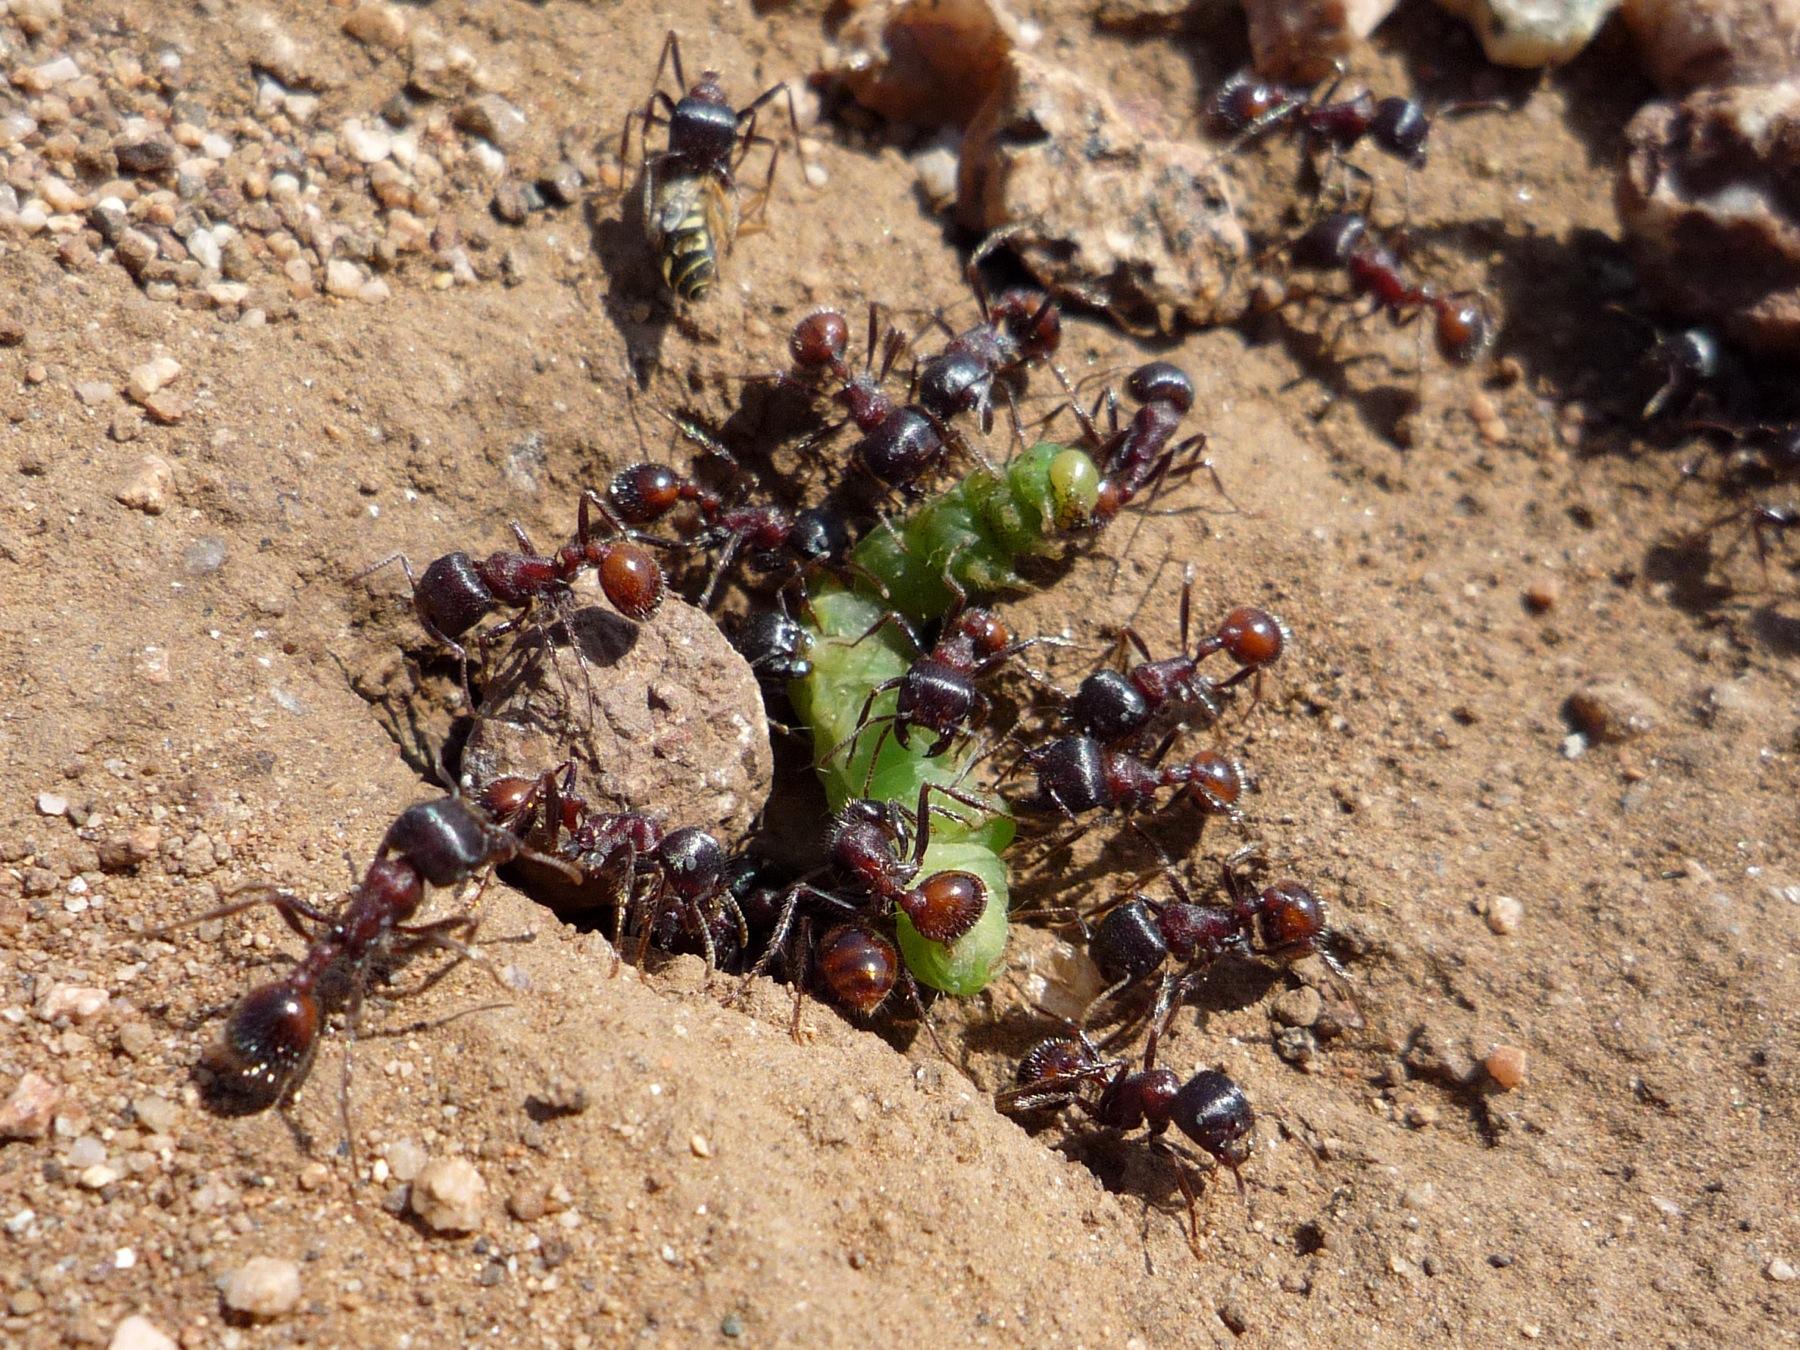 муравьи рядом с огурцами